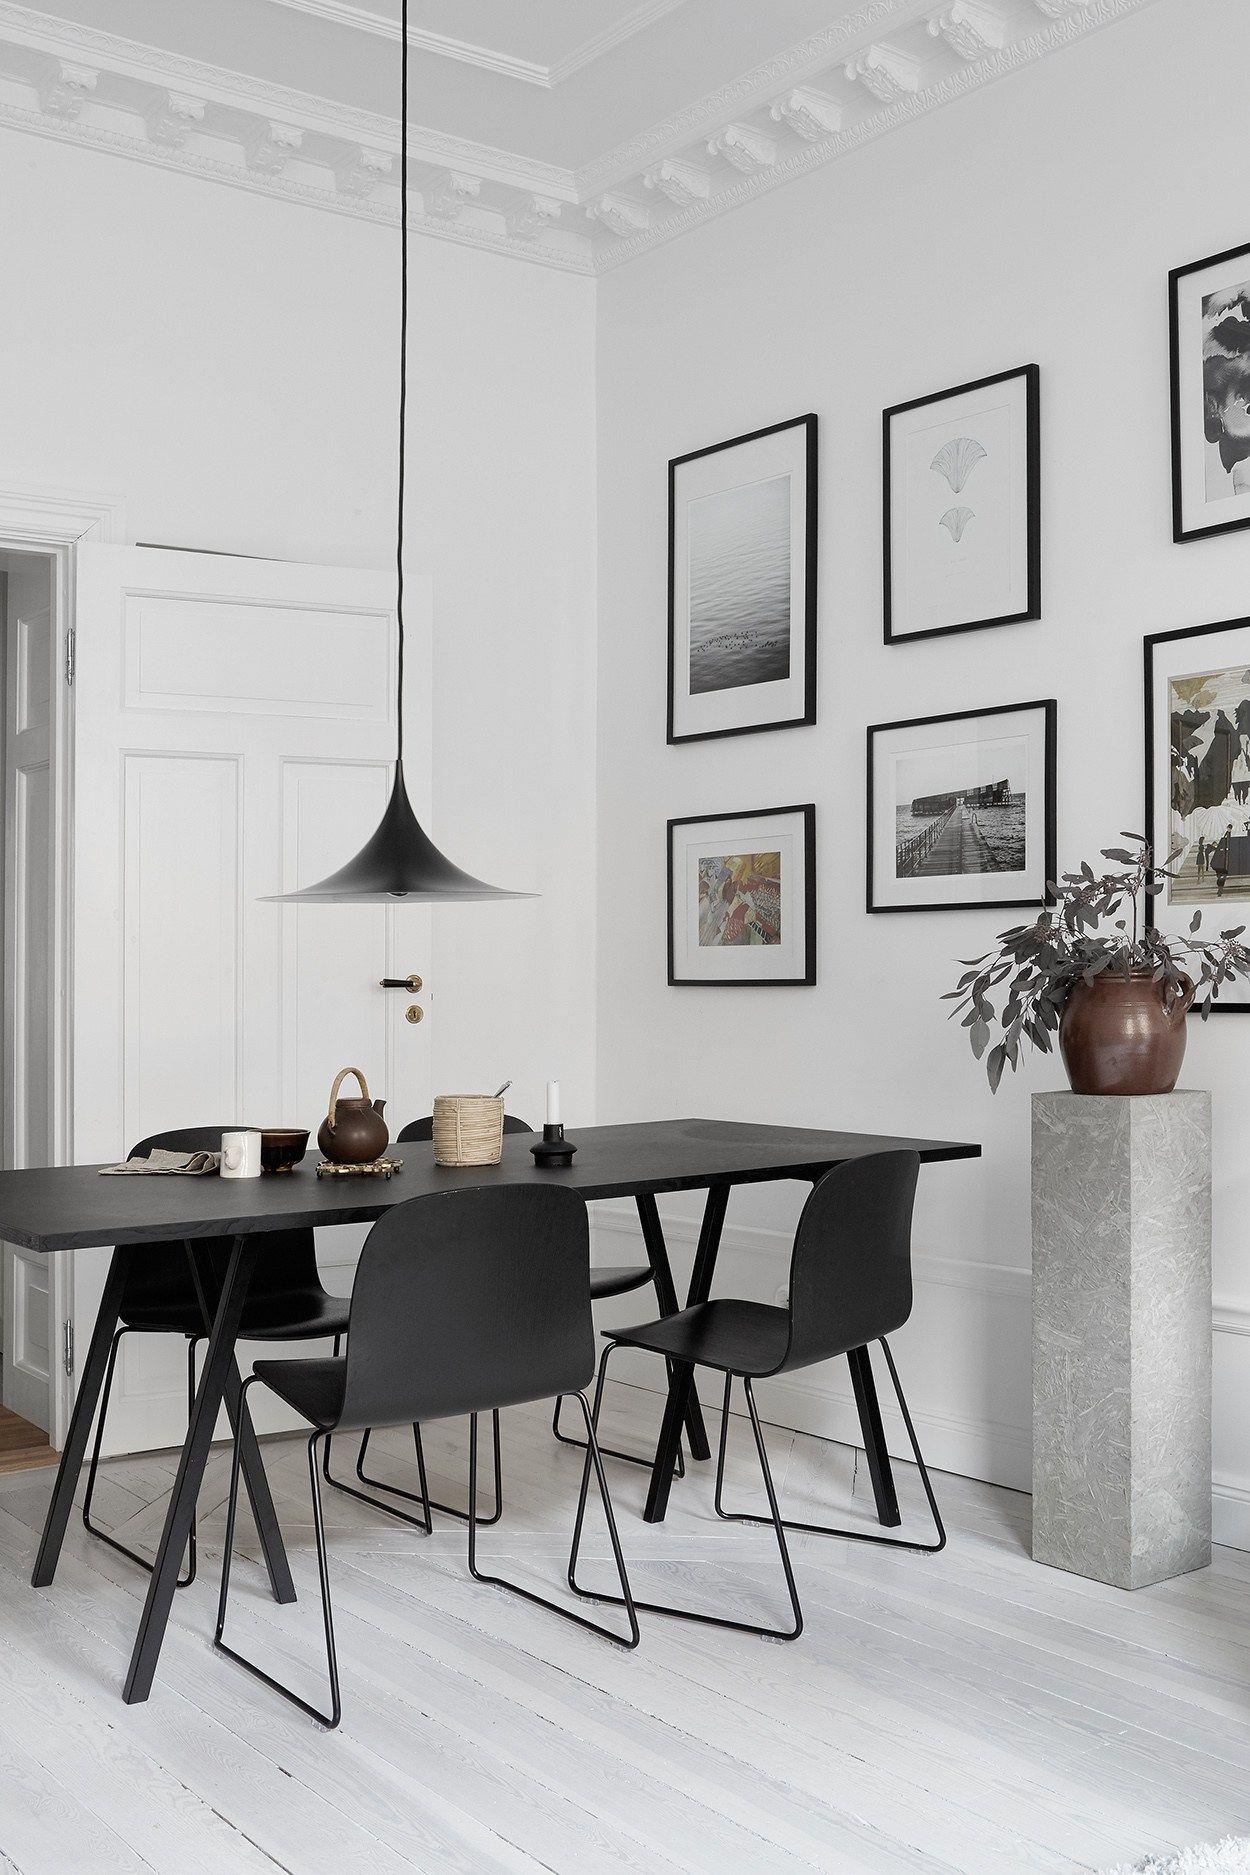 gubi - semi pendelleuchte, Ø 30 cm, schwarz | design, tische und, Innenarchitektur ideen